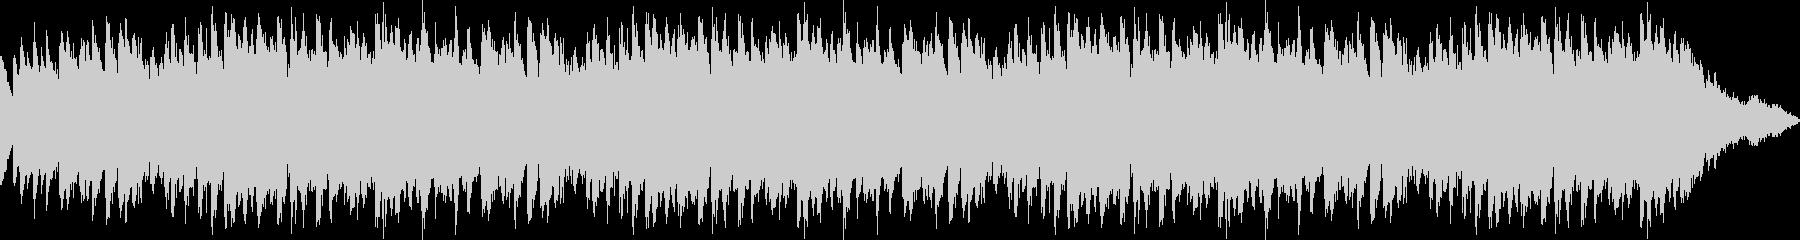 ファンタジックなシンセジングル_ロングの未再生の波形